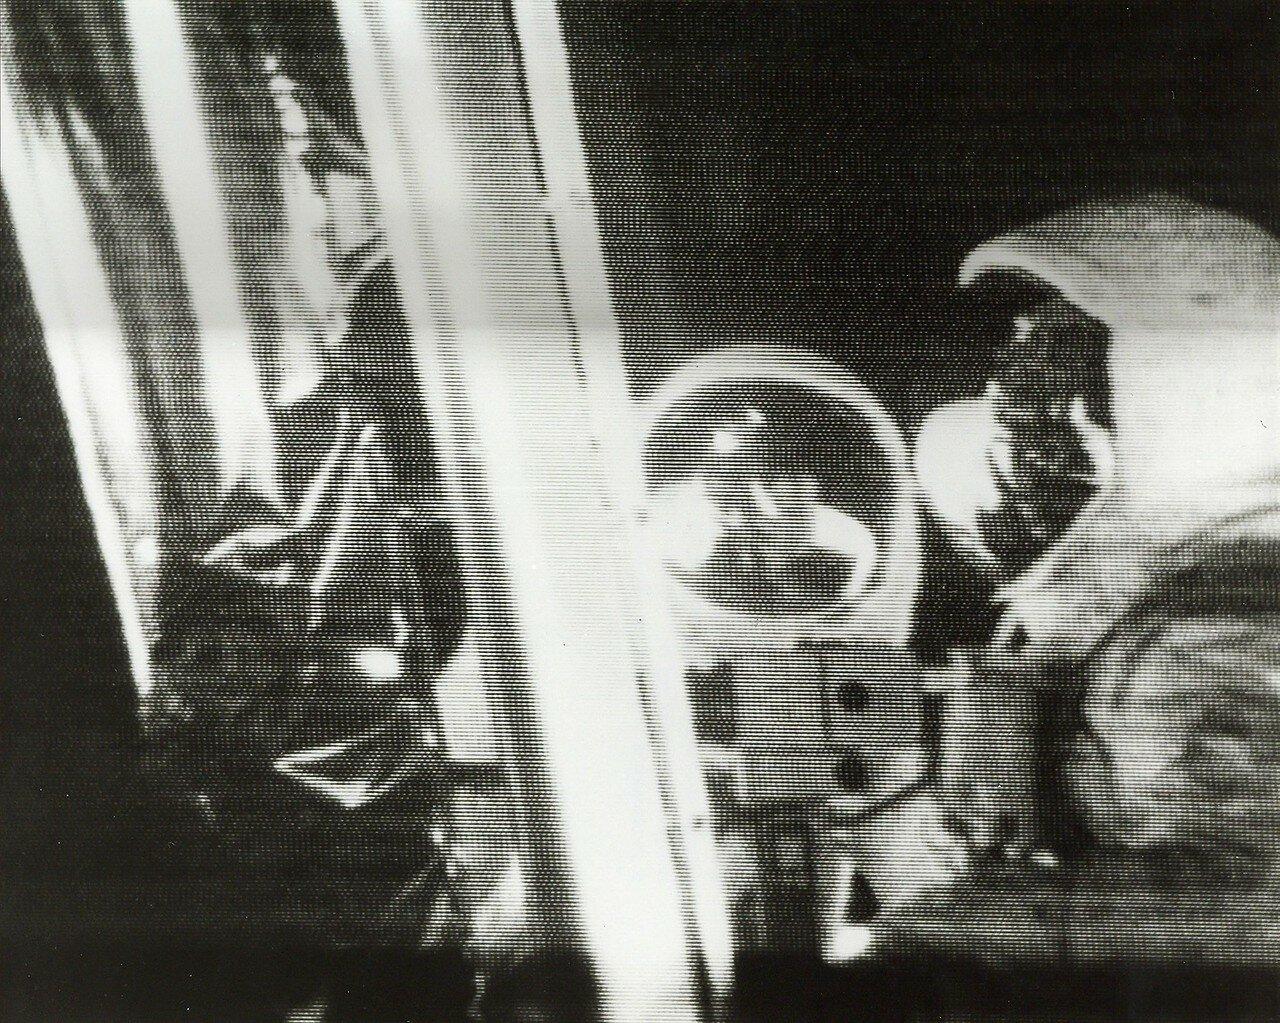 Армстронг достал из кармана скафандра аварийный образец лунной породы и положил его на обшивку двигателя взлётной ступени. До полёта некоторые специалисты высказывали опасения, что лунный грунт может вступить в реакцию с воздухом,